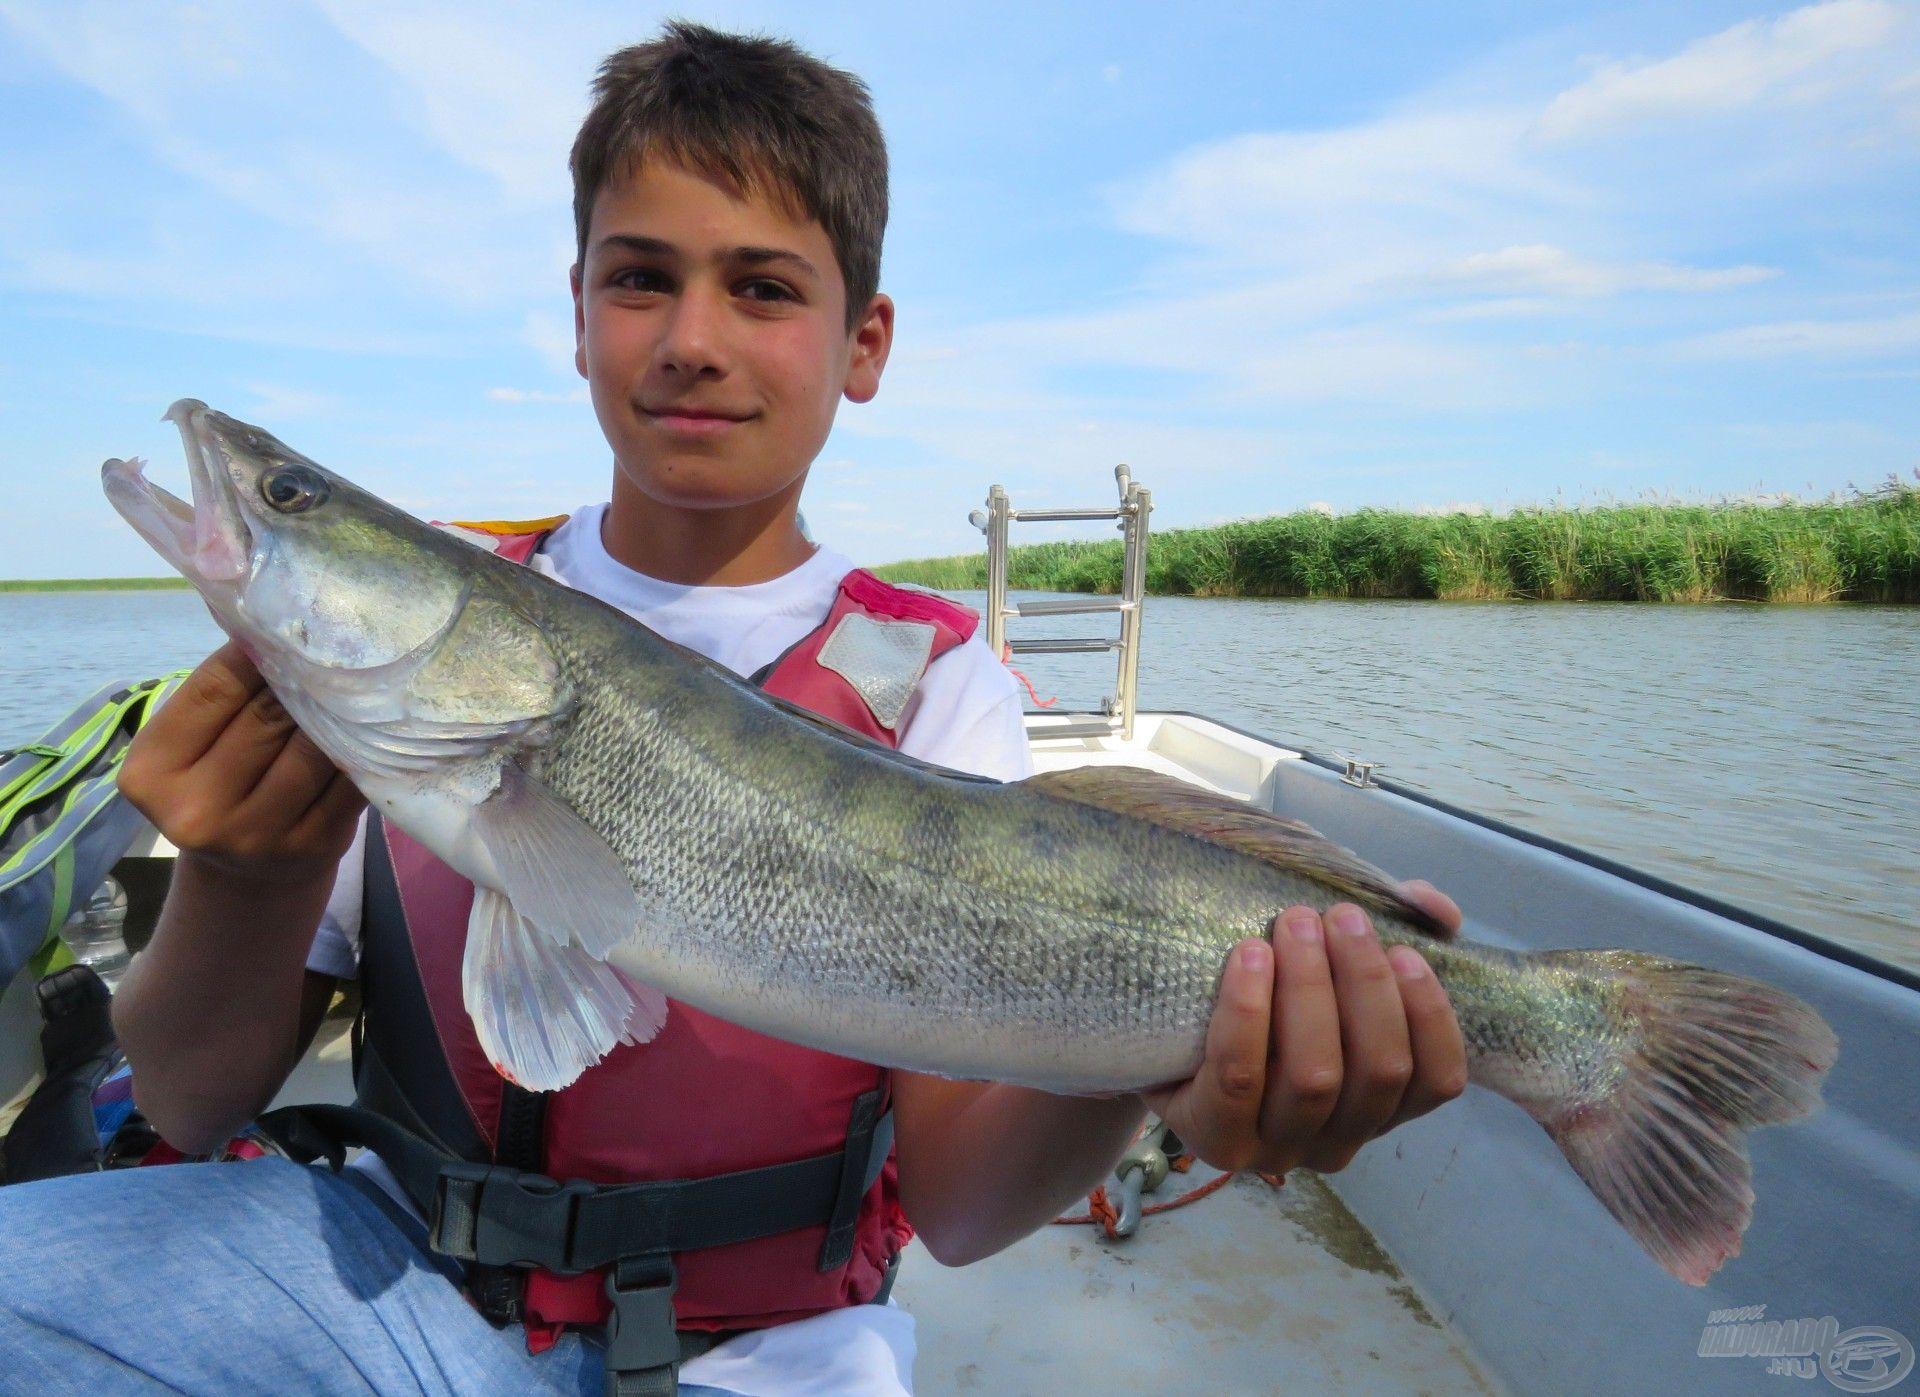 Bence hala lett a legnagyobb hal az idei pergető táborokban